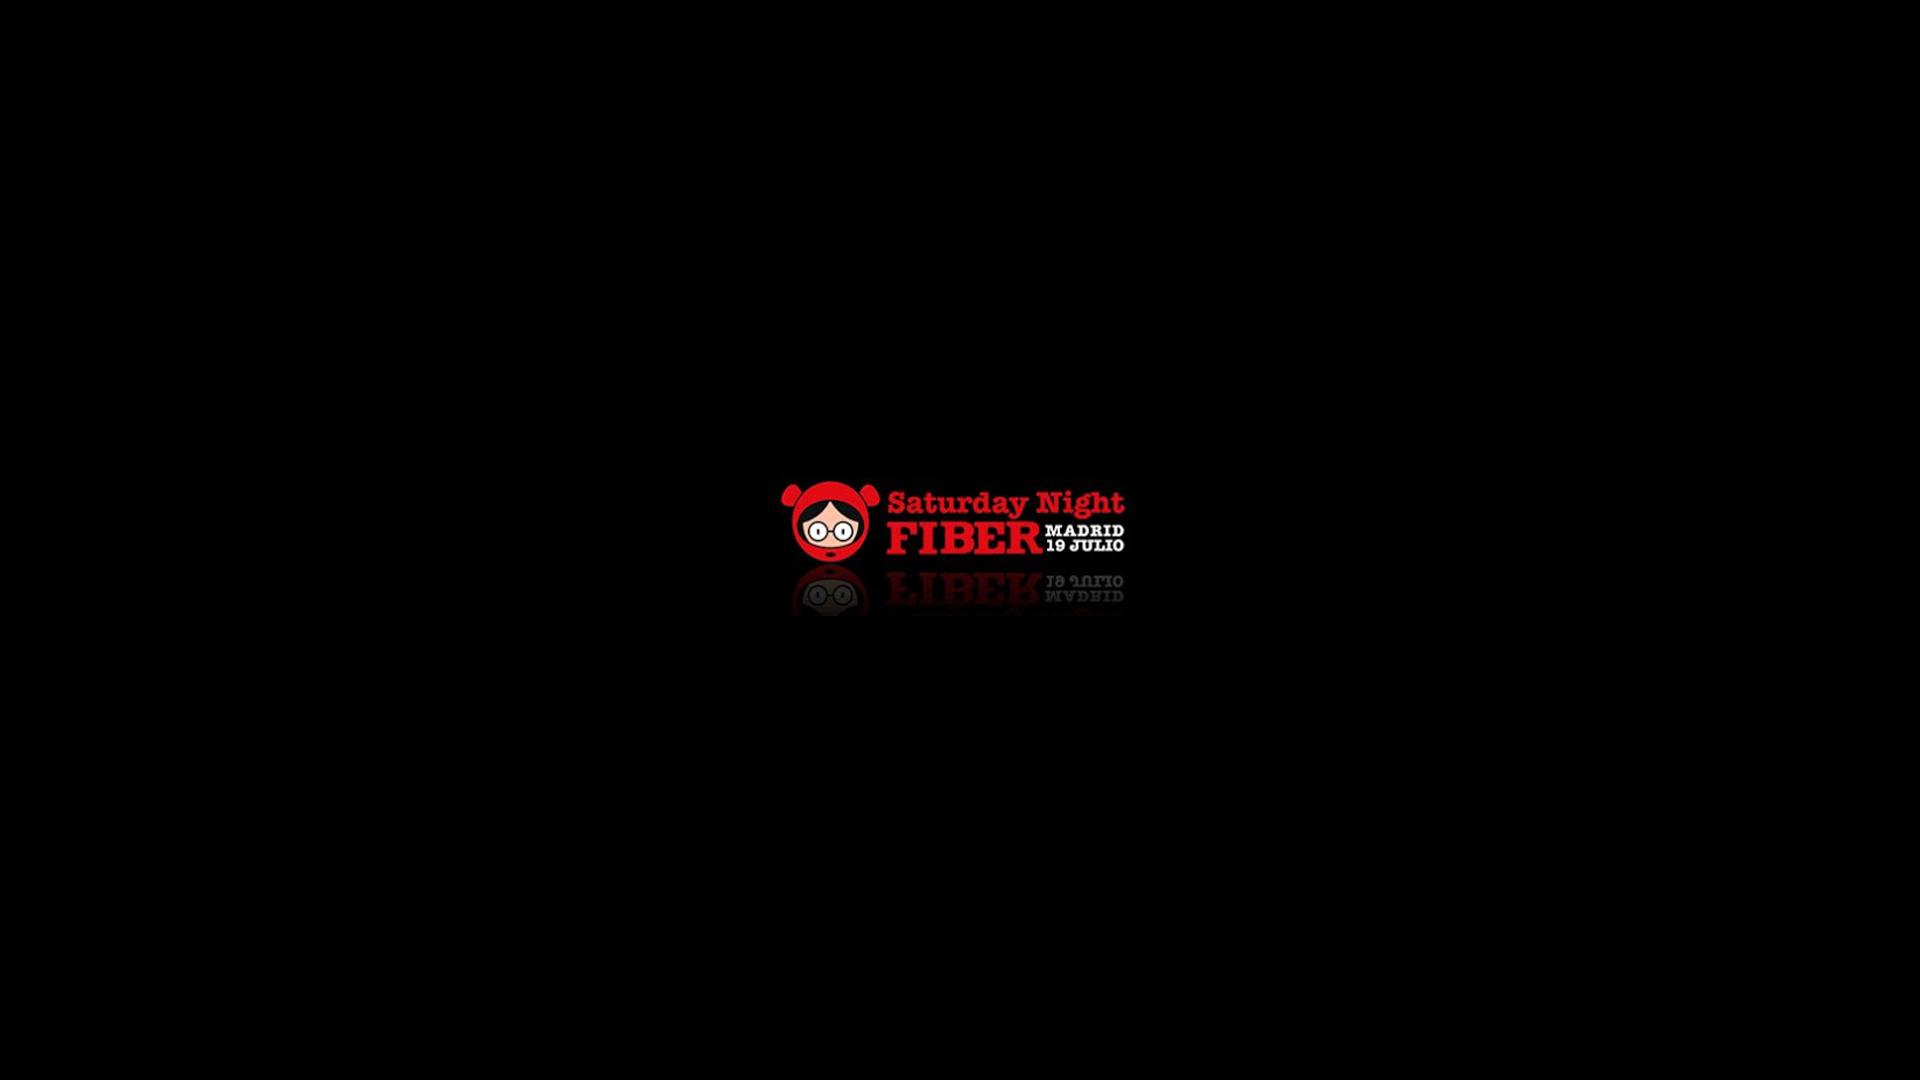 Saturday Night Fiber, web hecha por murciègalo en 2011